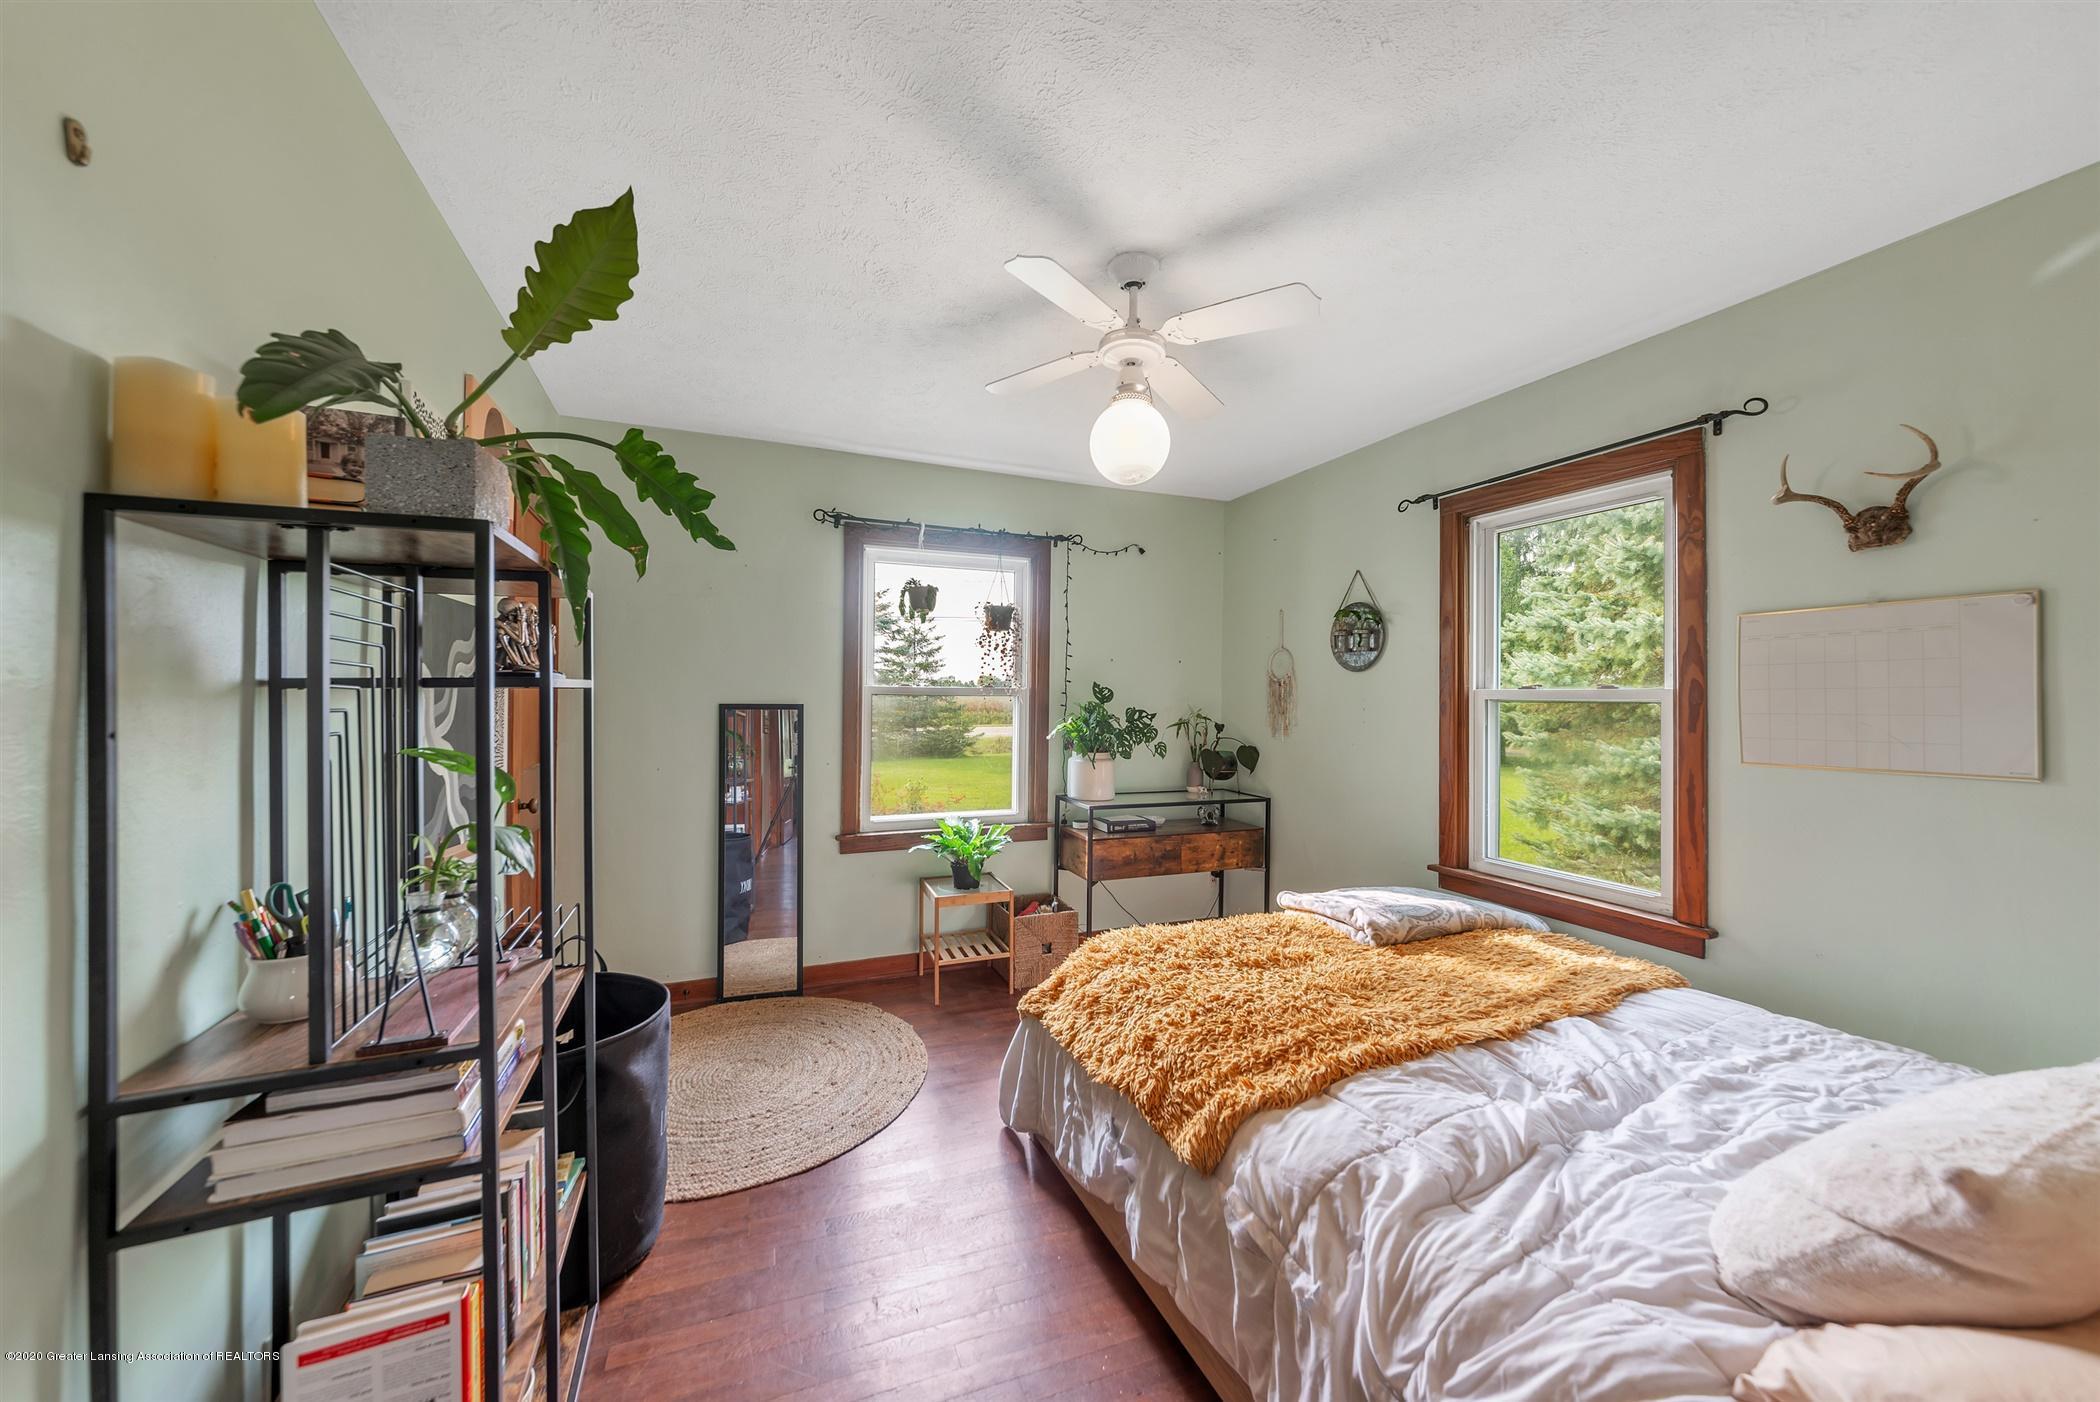 4578 N Michigan Rd - 23-4578 N Michigan Rd-WindowStill-R - 20